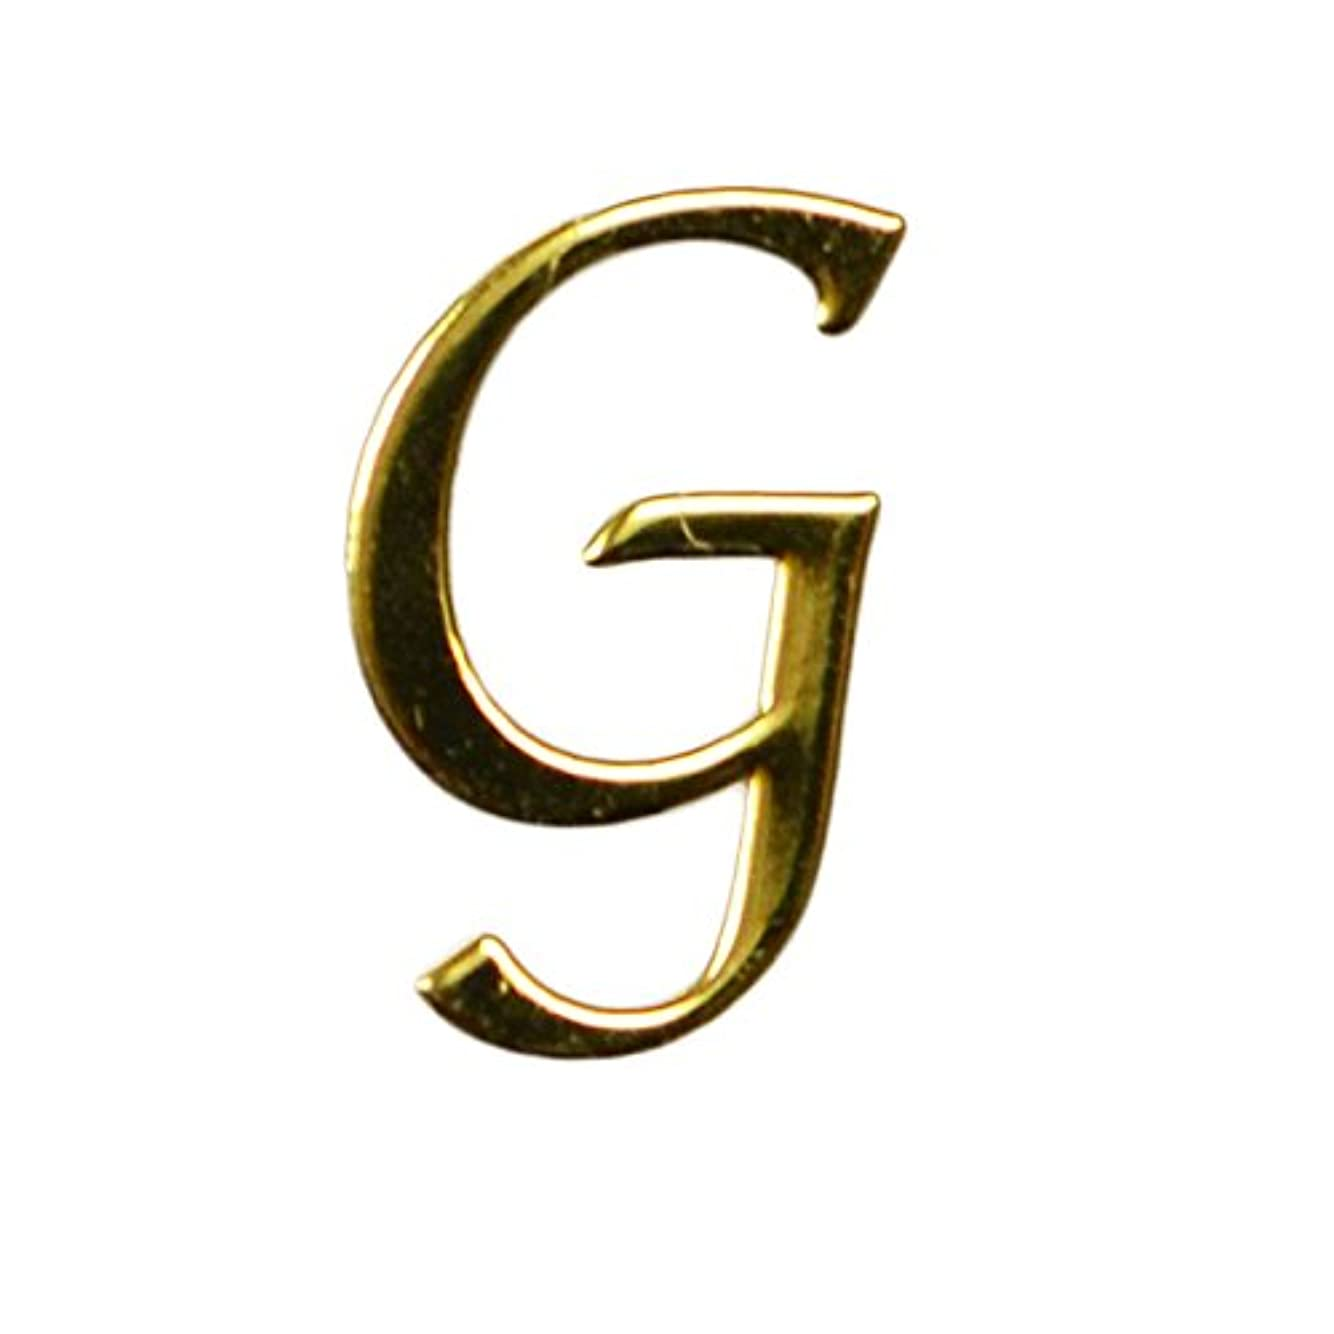 コンドーム不変想定G/ゴールド?人気の書体のアルファベットイニシャルパーツ!4mm×7mm10枚